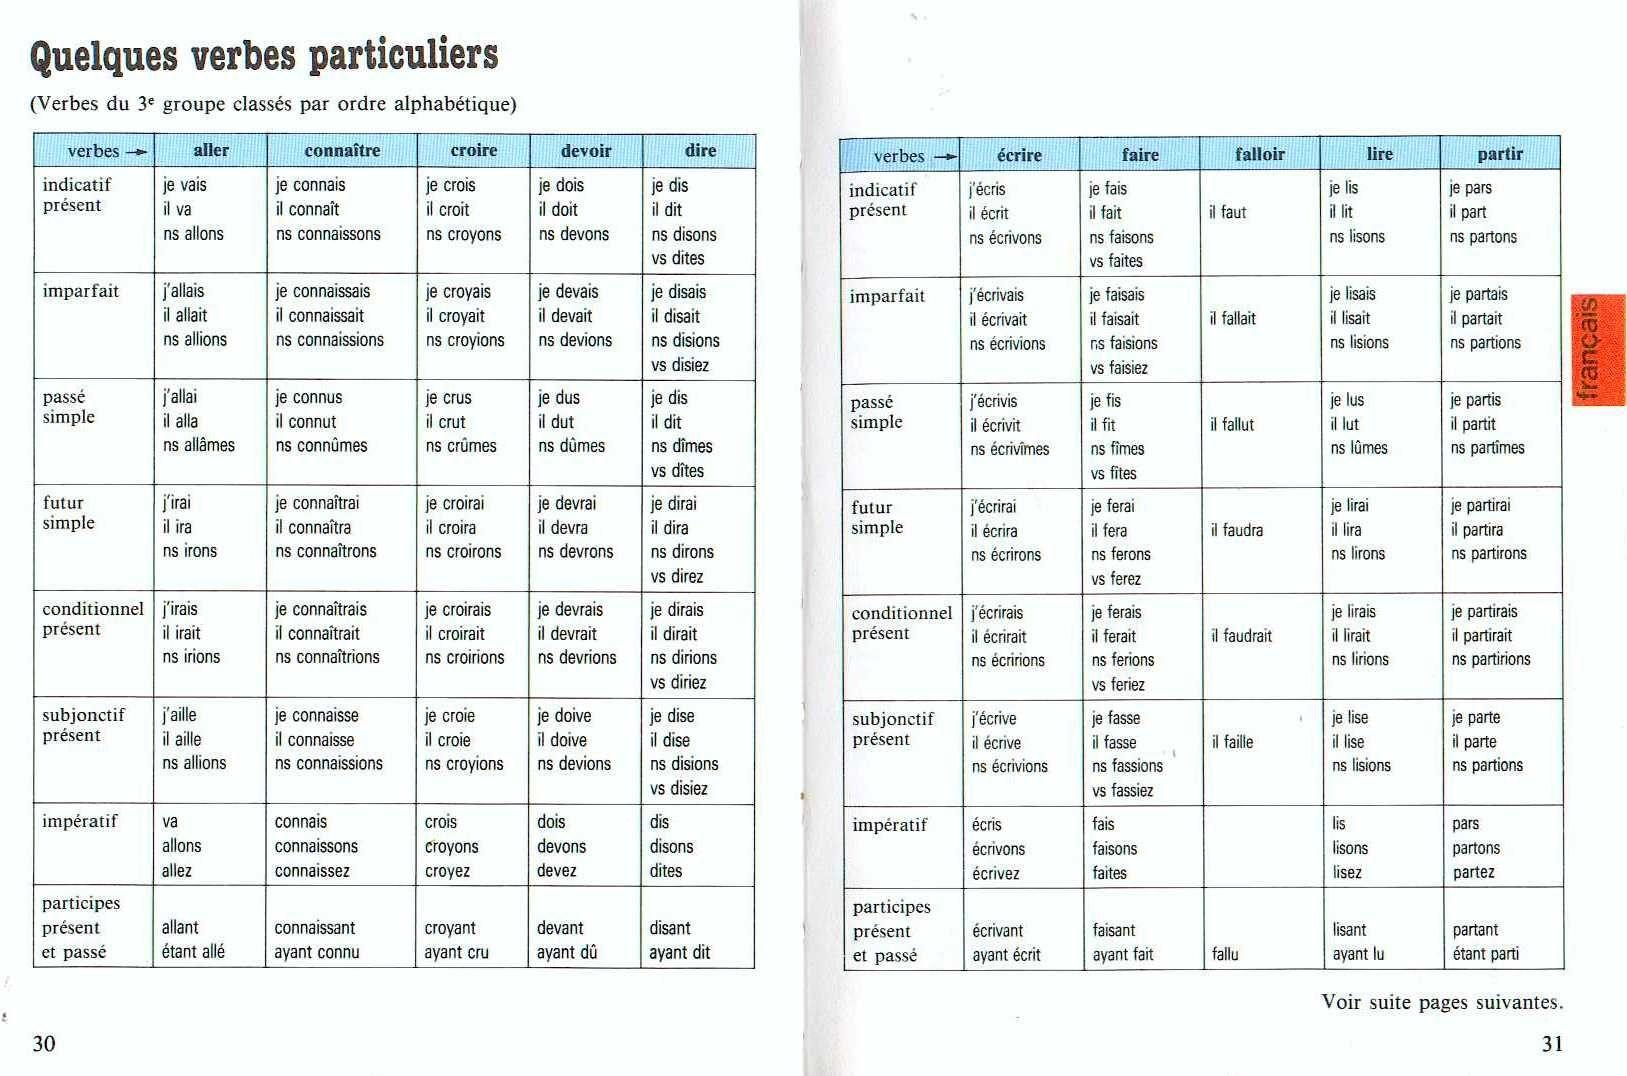 Epingle Par Wilhelmina Sur Fle Conjugaison 3 Groupe Grammaire Fle Education